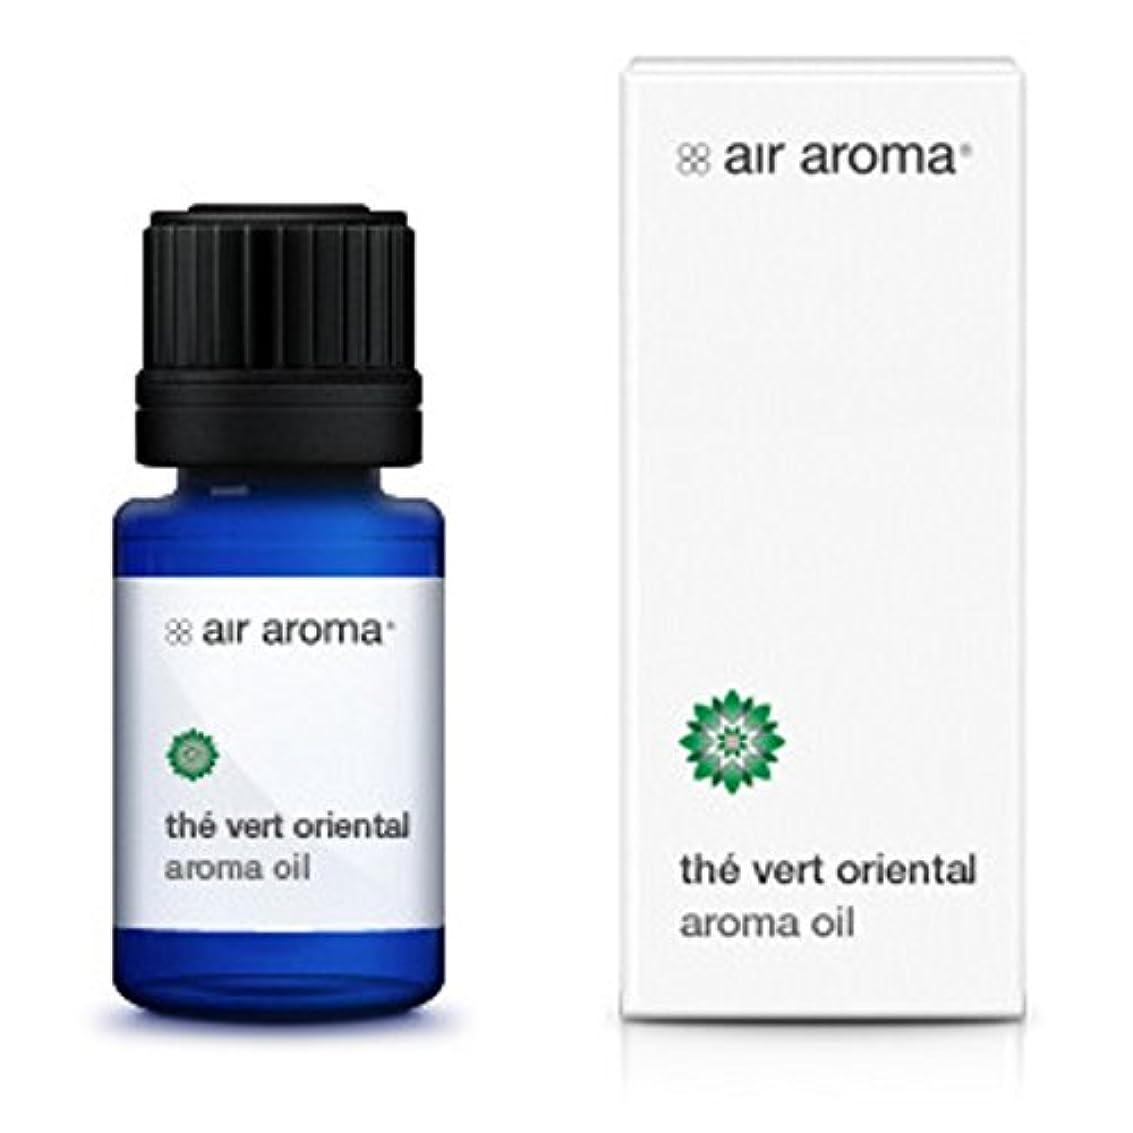 方向尽きる定期的なエアアロマ the vert oriental (テヴェールオリエンタル) 250ml [並行輸入品]